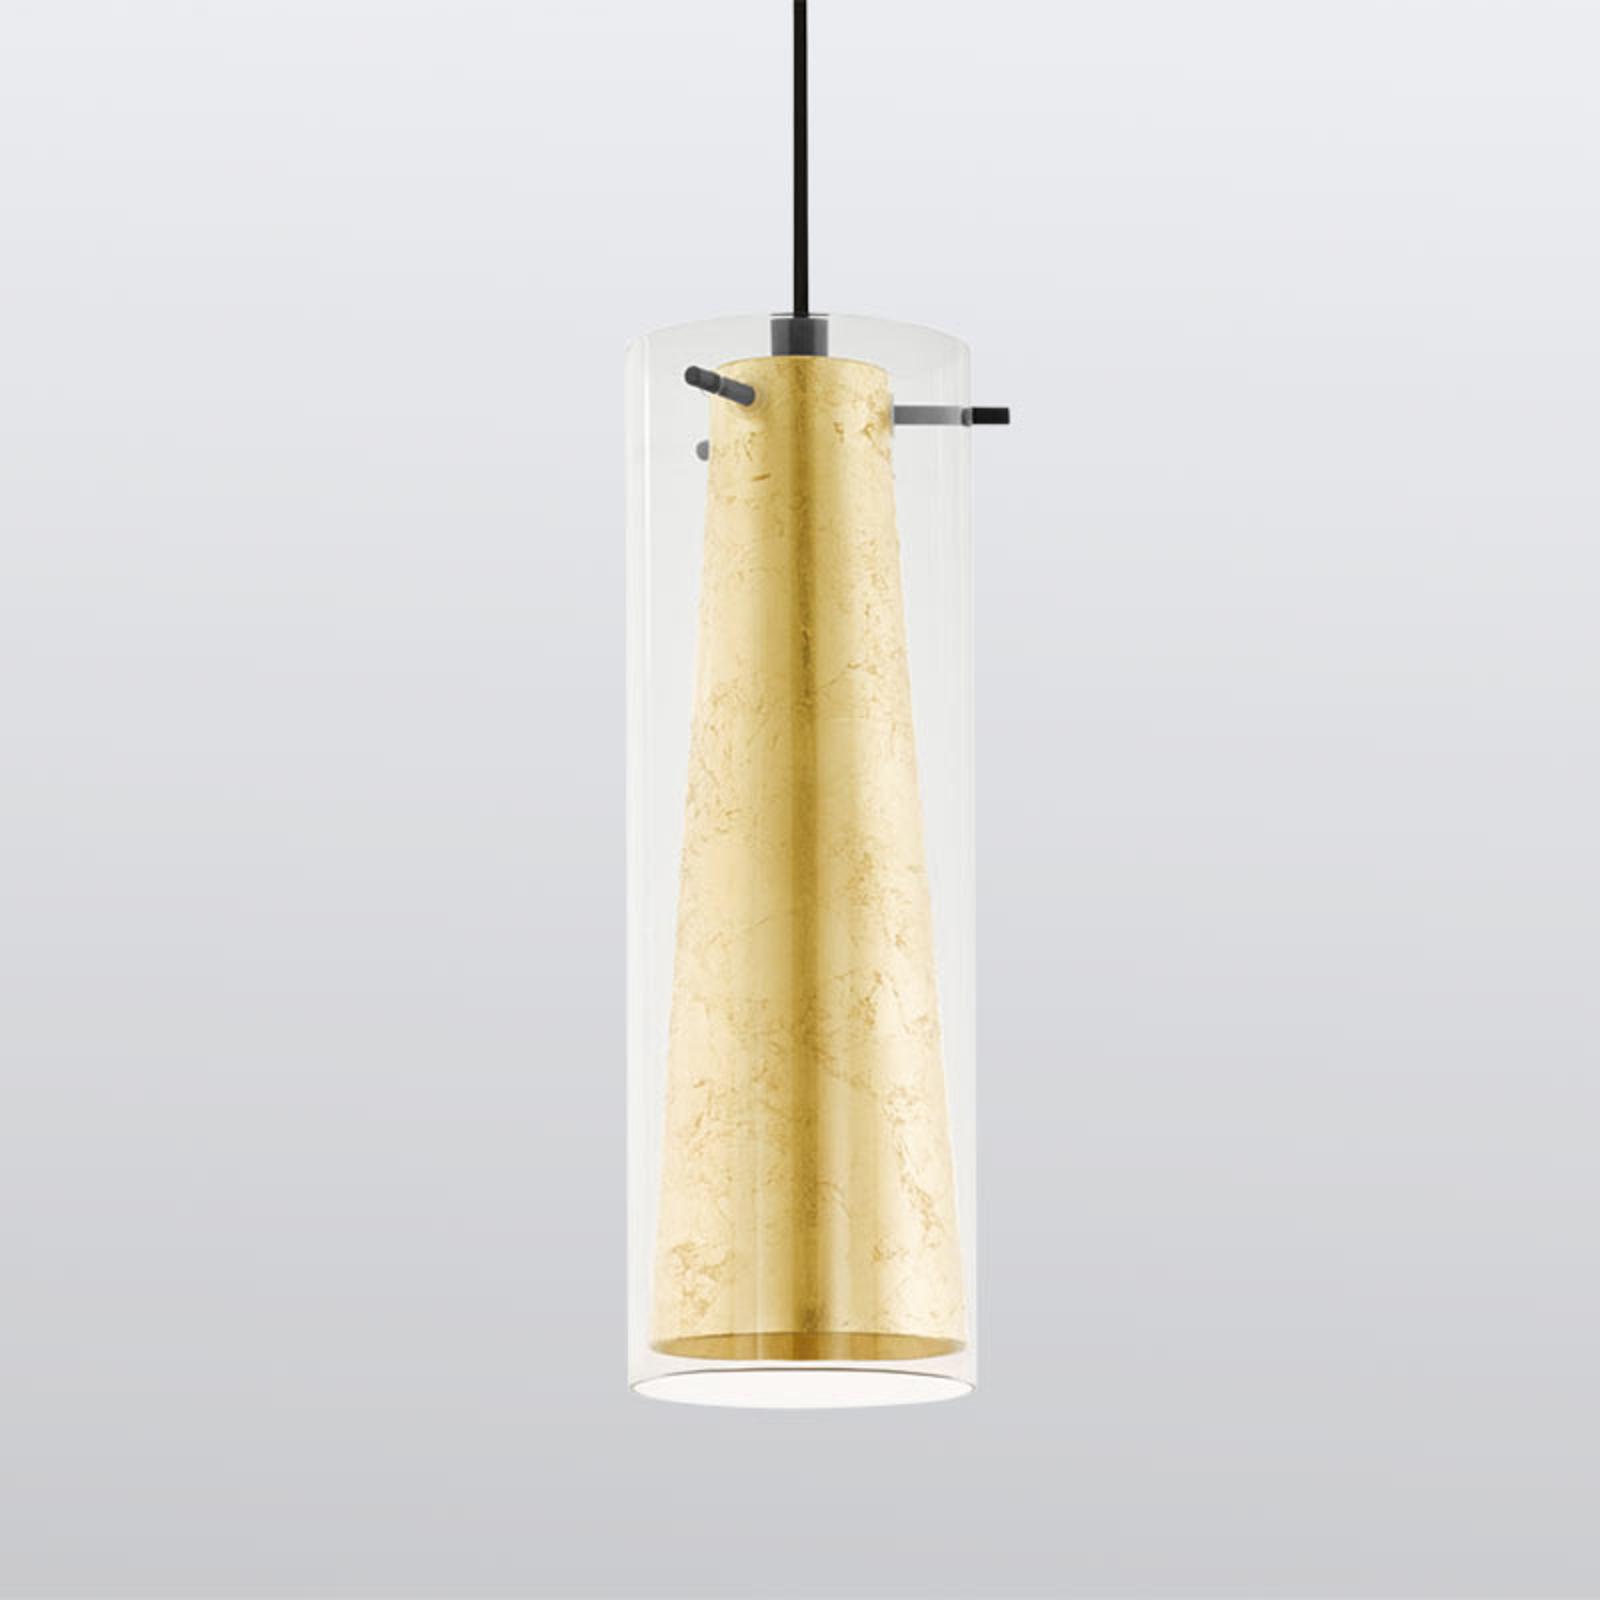 Lampa wisząca Pinto Gold 1-punktowa